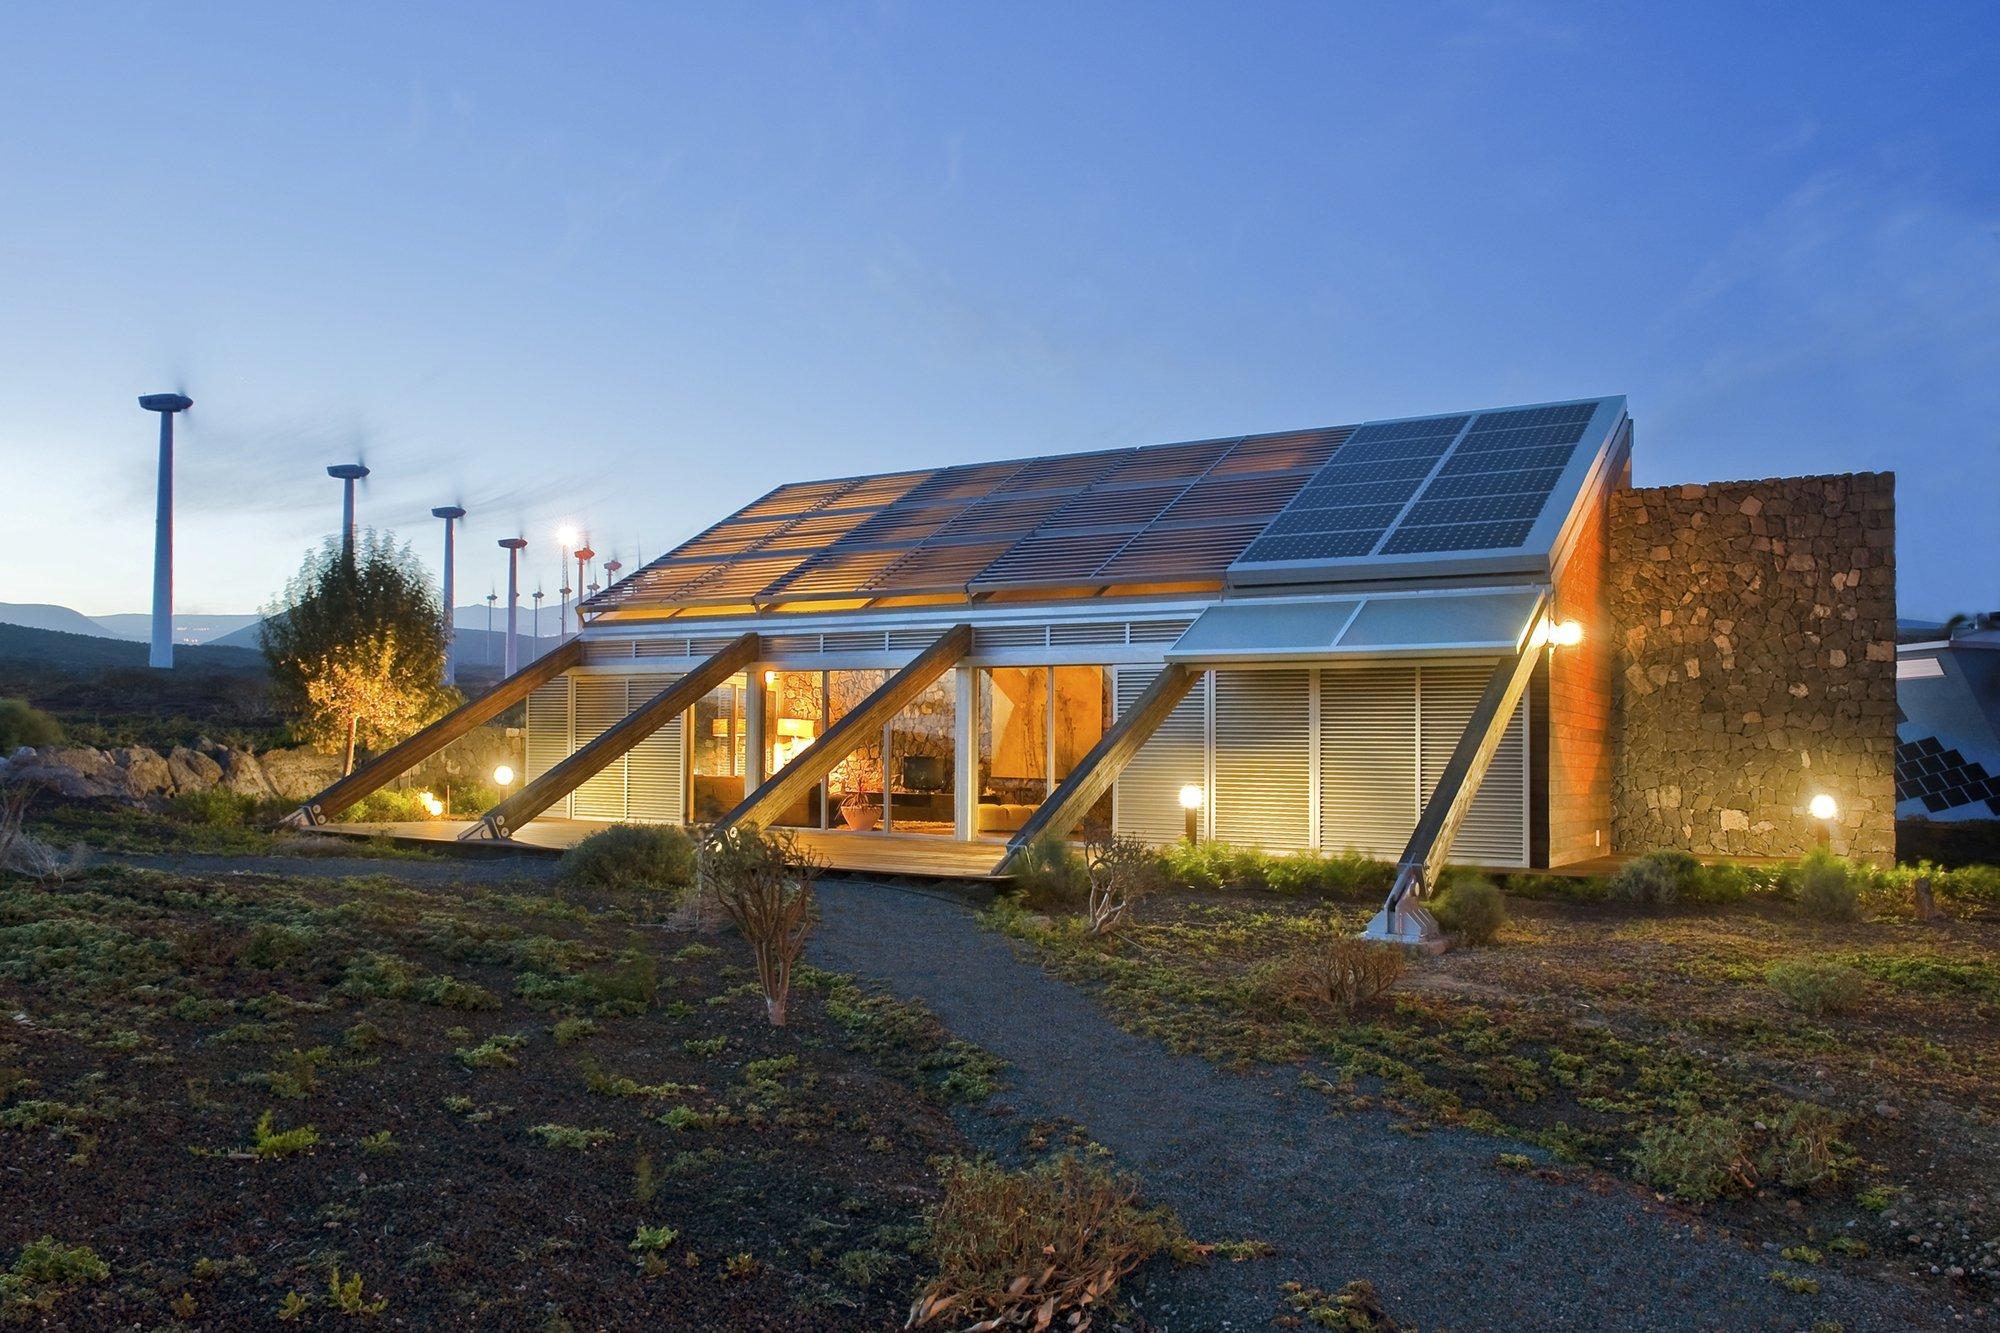 Galer a de vivienda en urbanizaci n experimental for Construccion de casas bioclimaticas